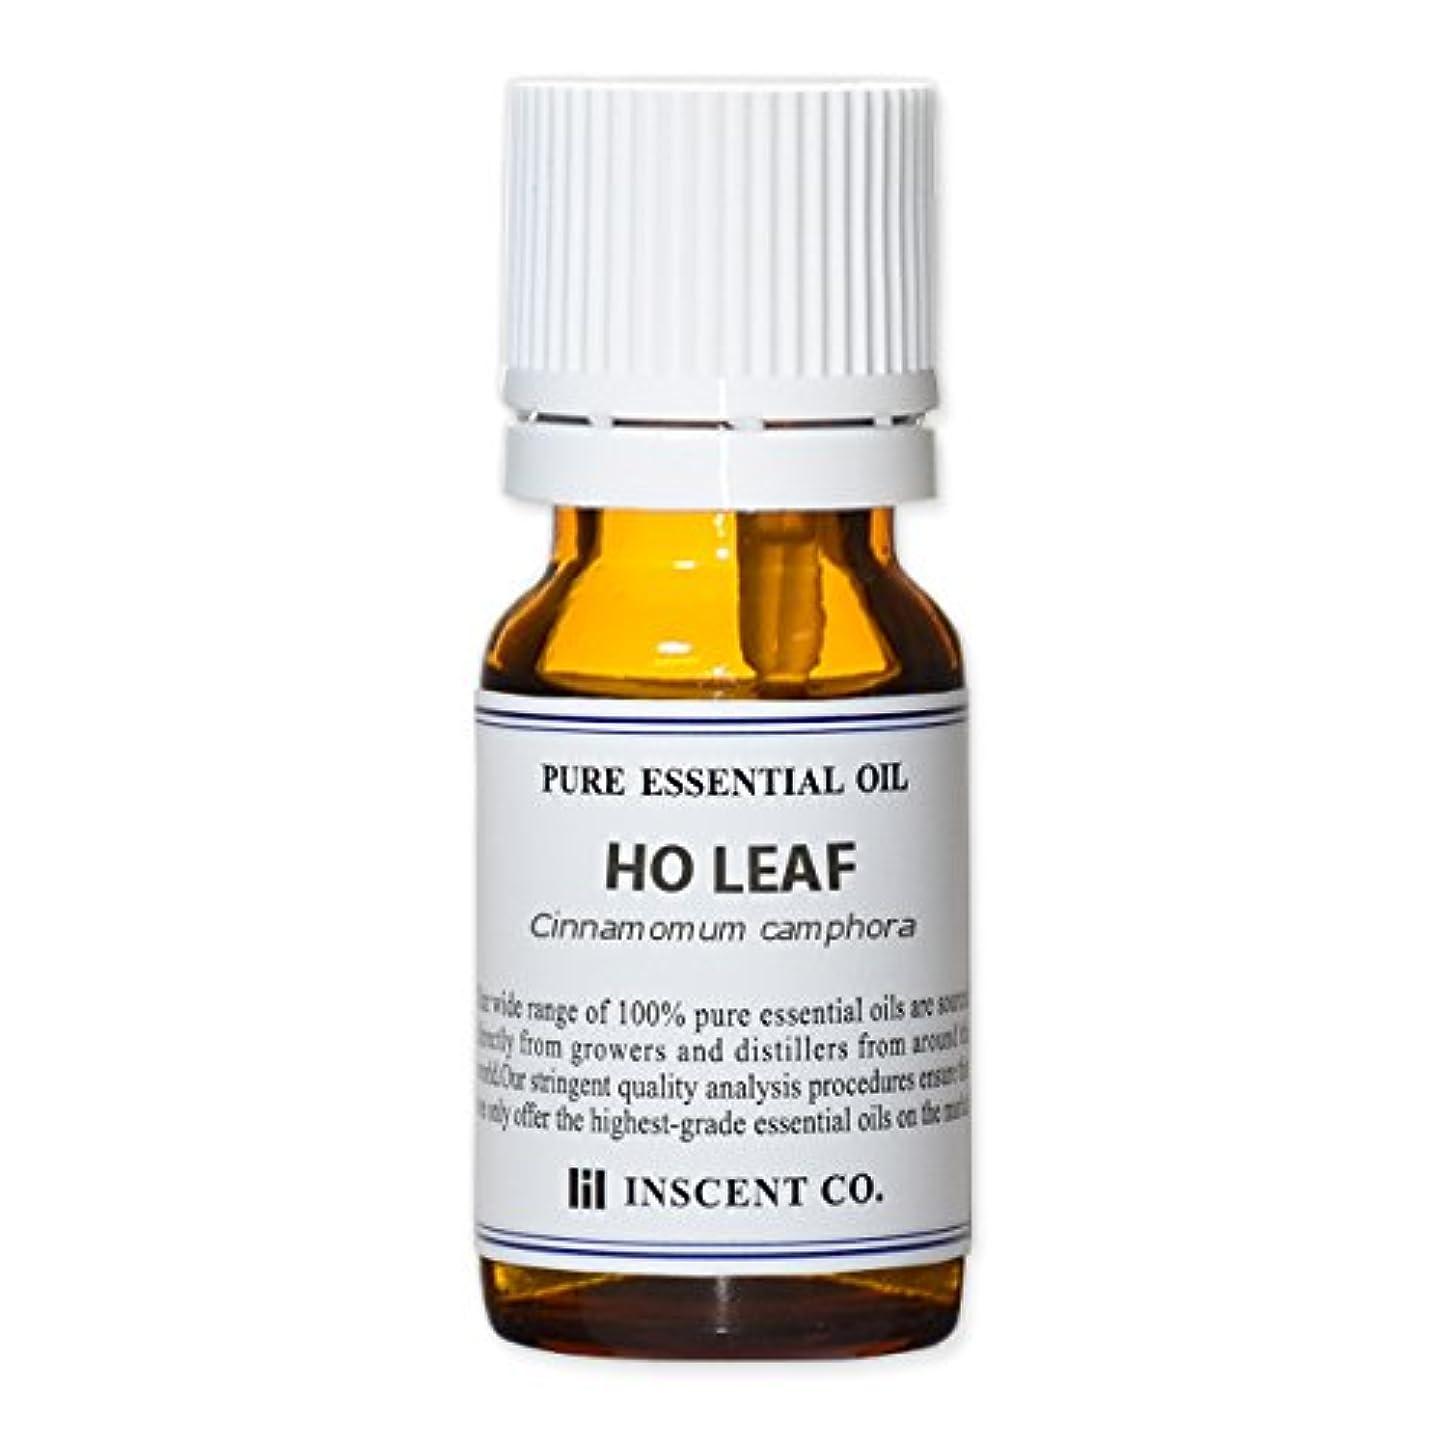 パラダイス十分に比類のないホーリーフ 10ml インセント アロマオイル AEAJ 表示基準適合認定精油